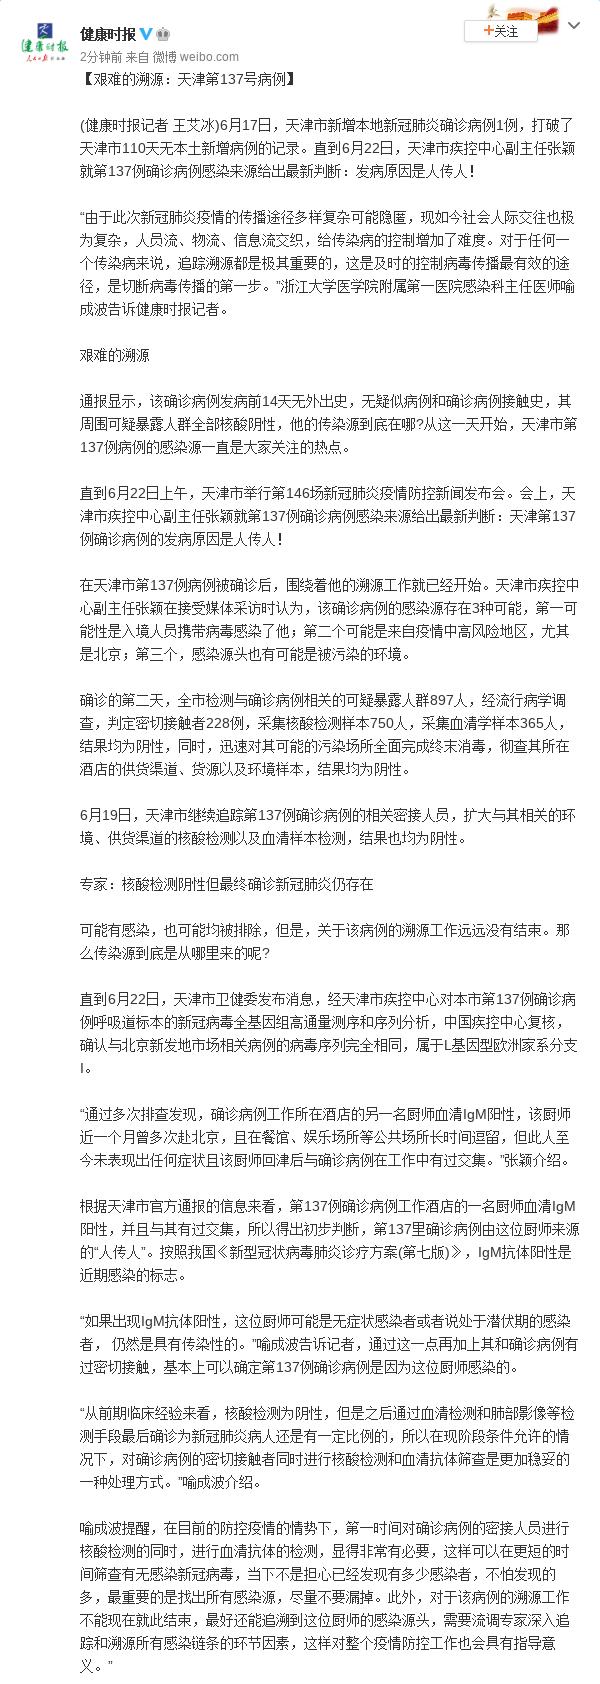 艰难的溯源:天津第137号病例图片